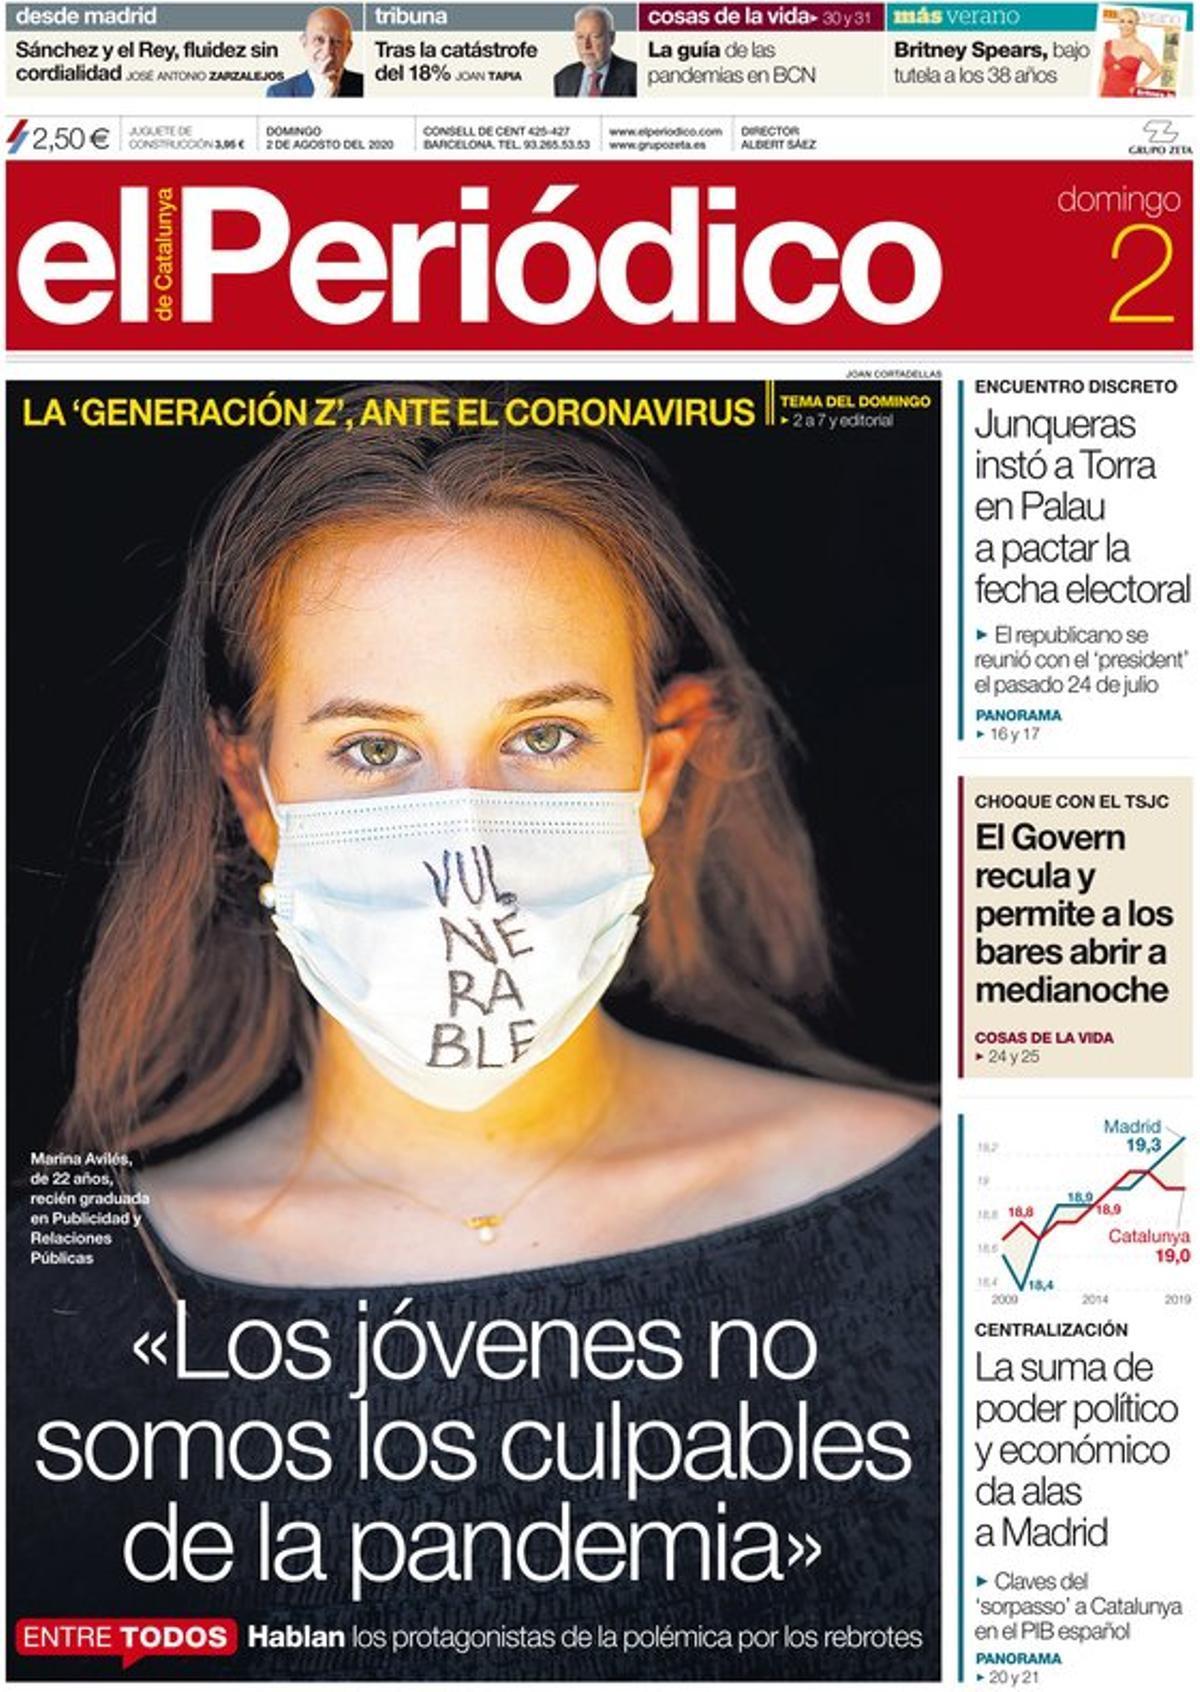 La portada de EL PERIÓDICO del 2 de agosto del 2020